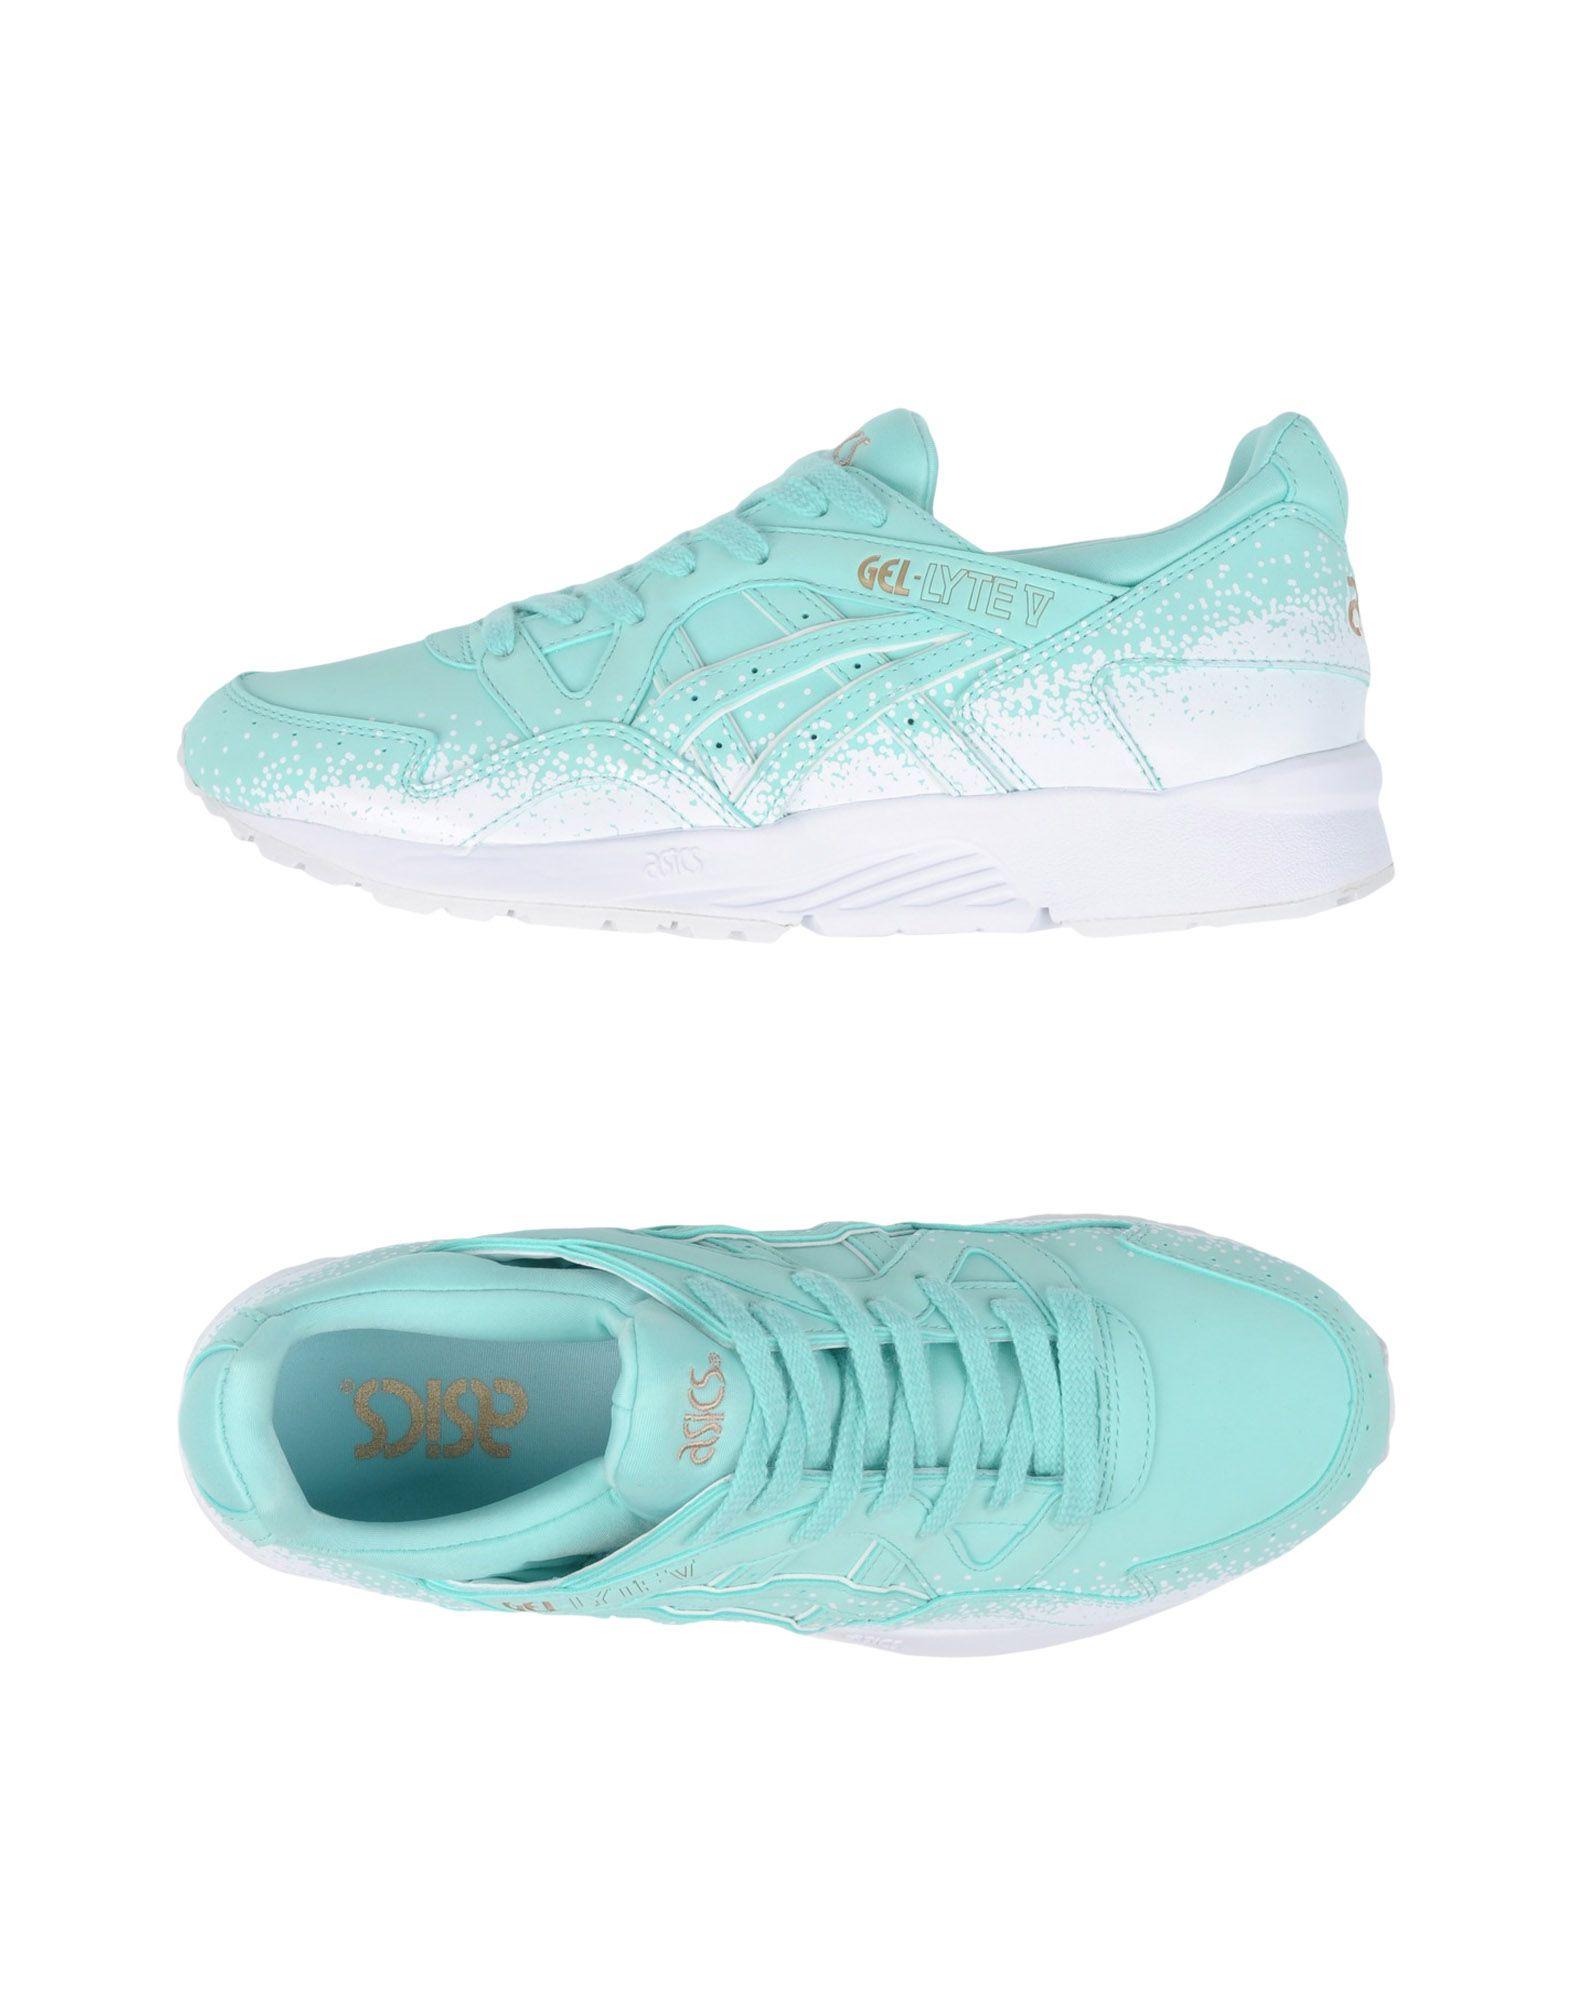 Asics Gel-Lyte V - Sneakers - Women  Asics Sneakers online on  Women United Kingdom - 11148984JC 3e3d5c